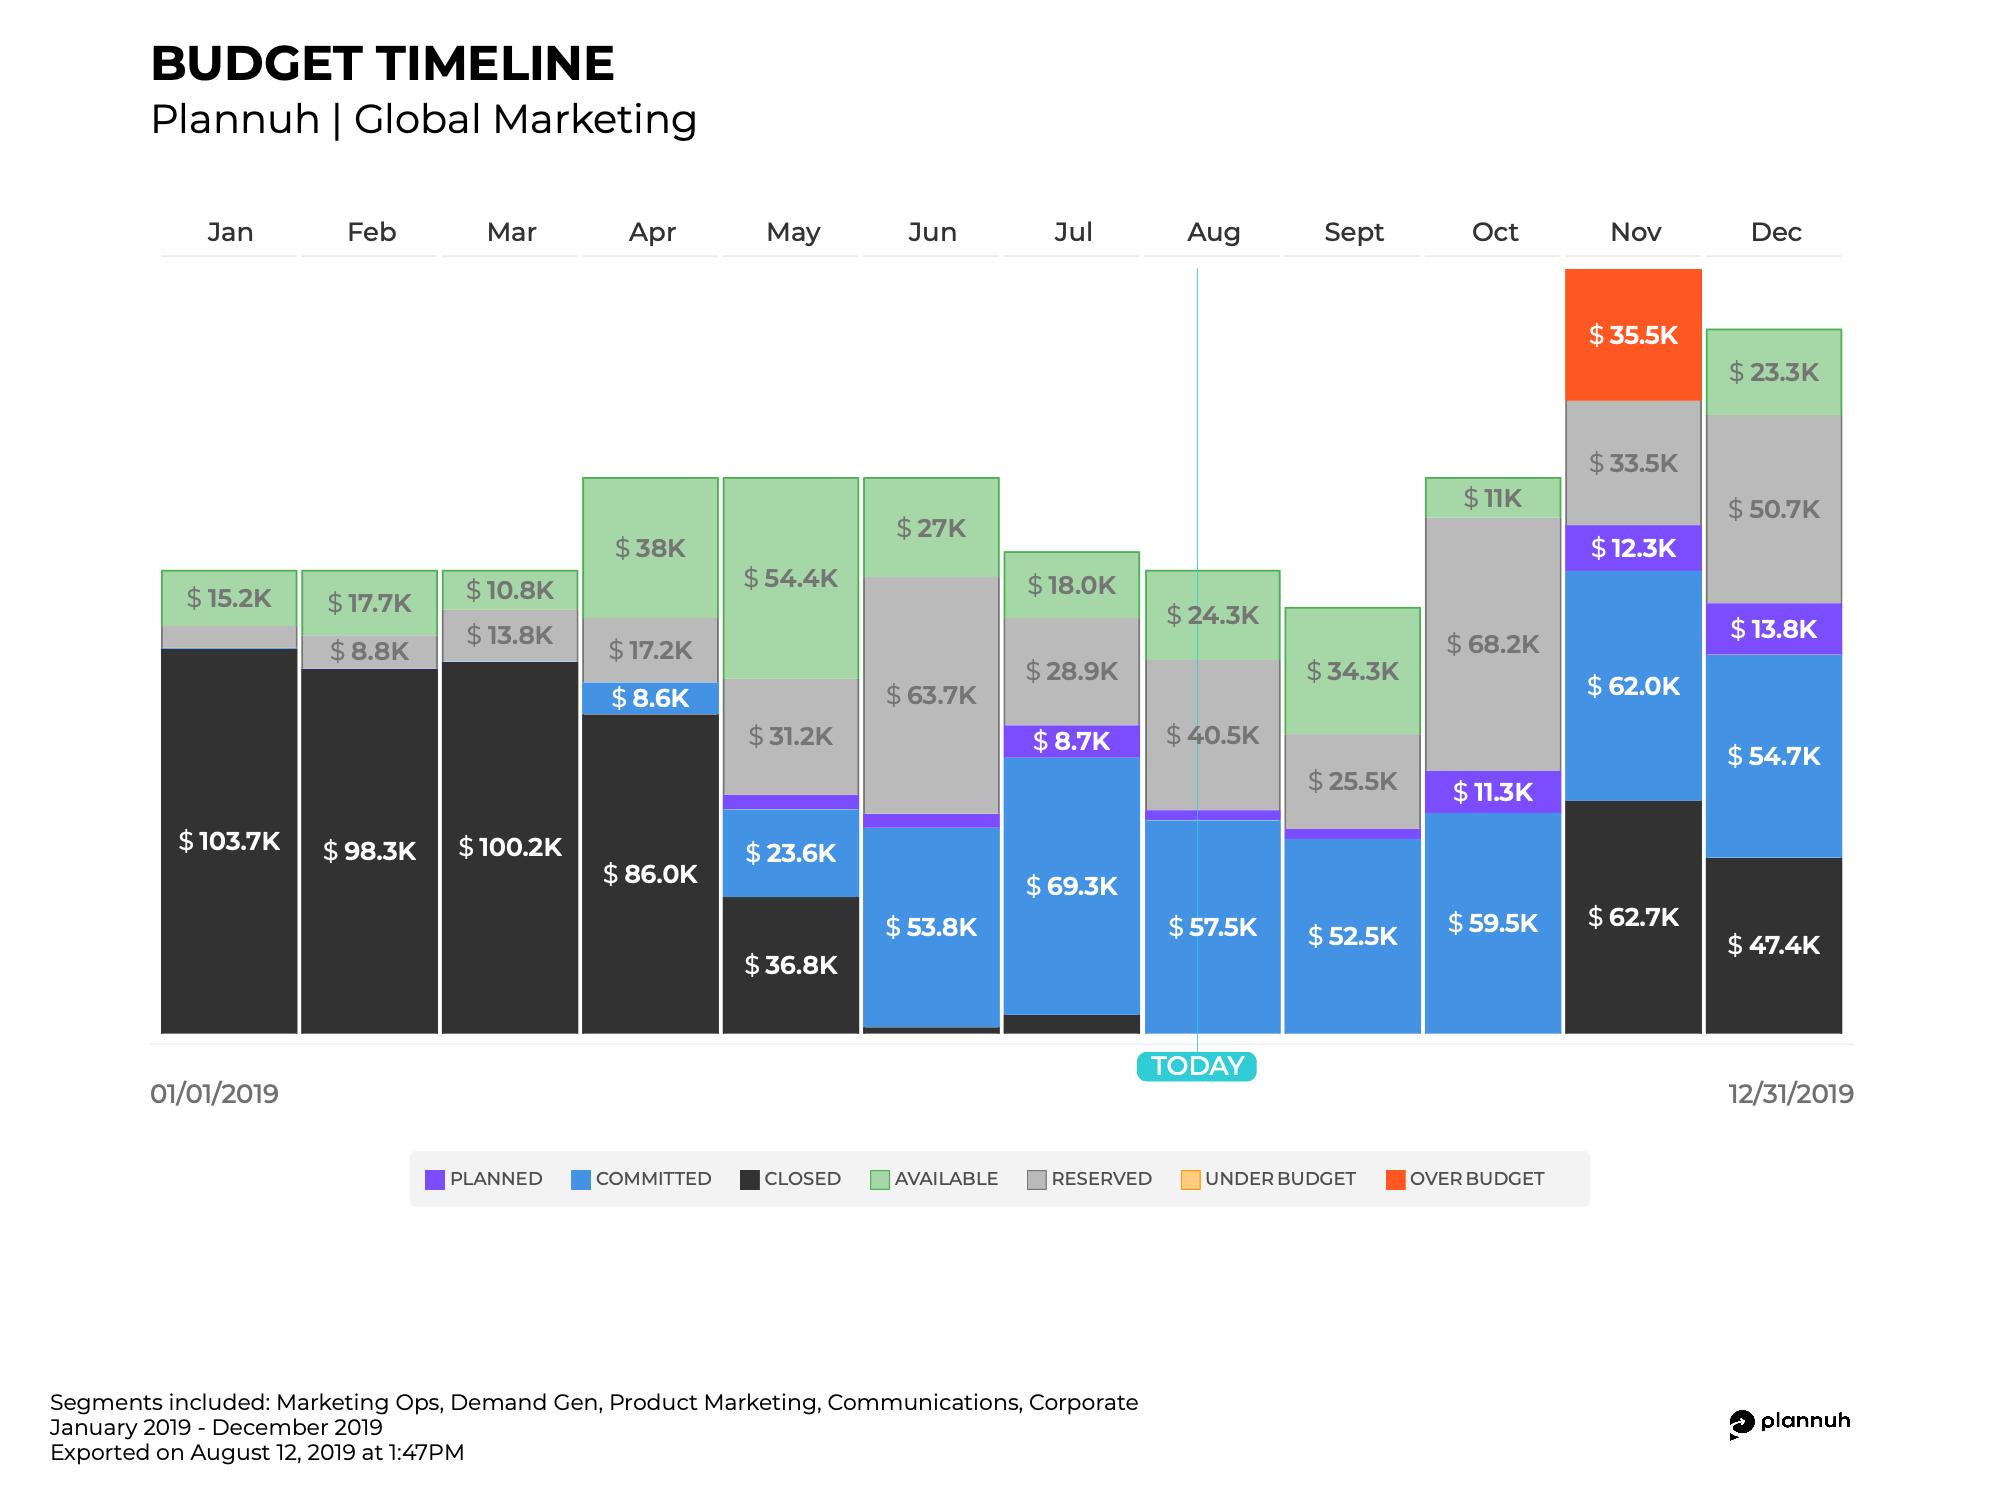 budget_timeline-8